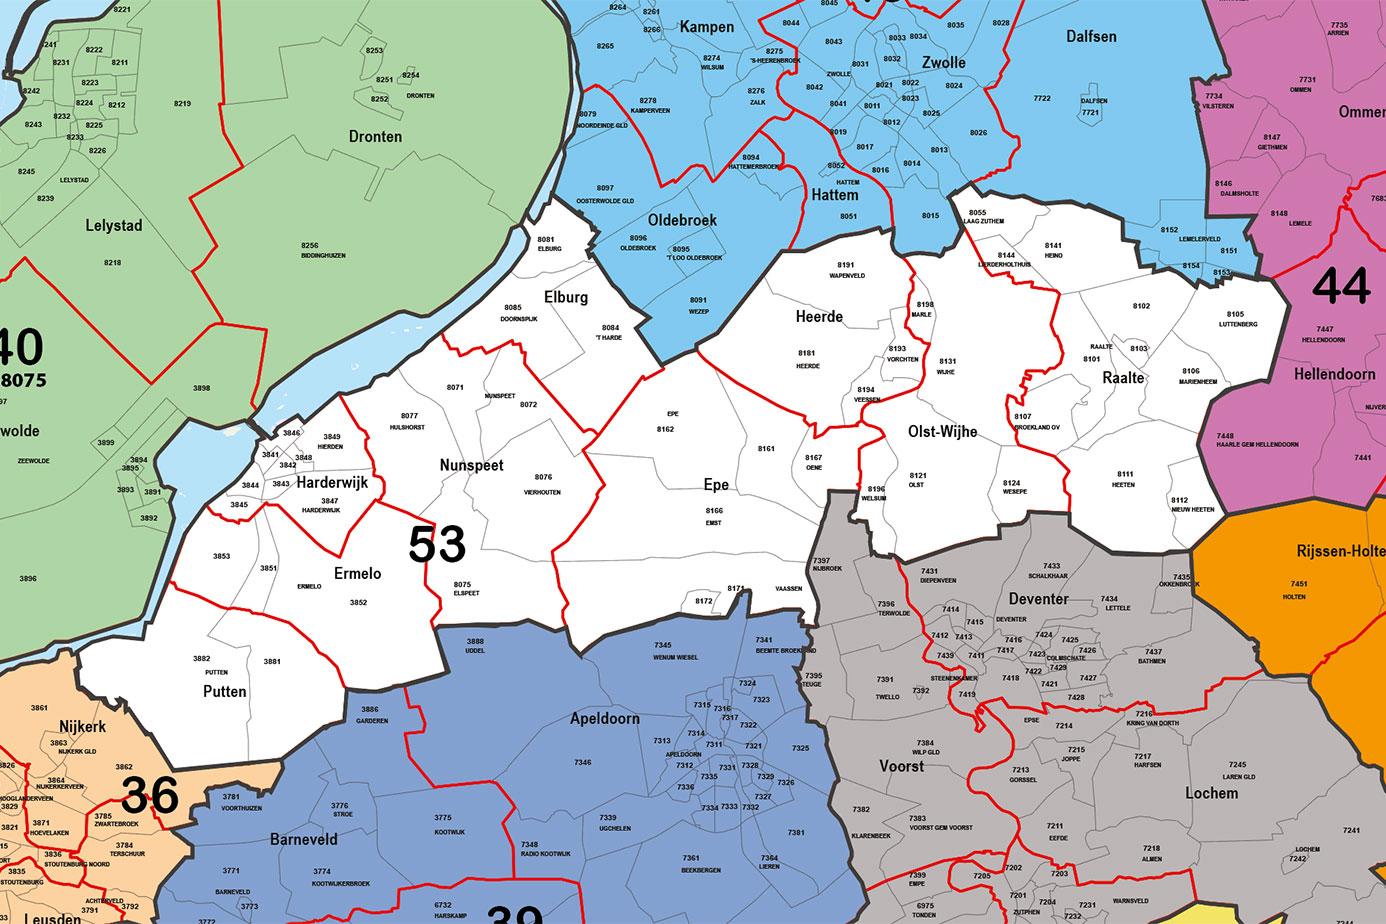 Regio 44 - Almelo - Raalte - Ommen